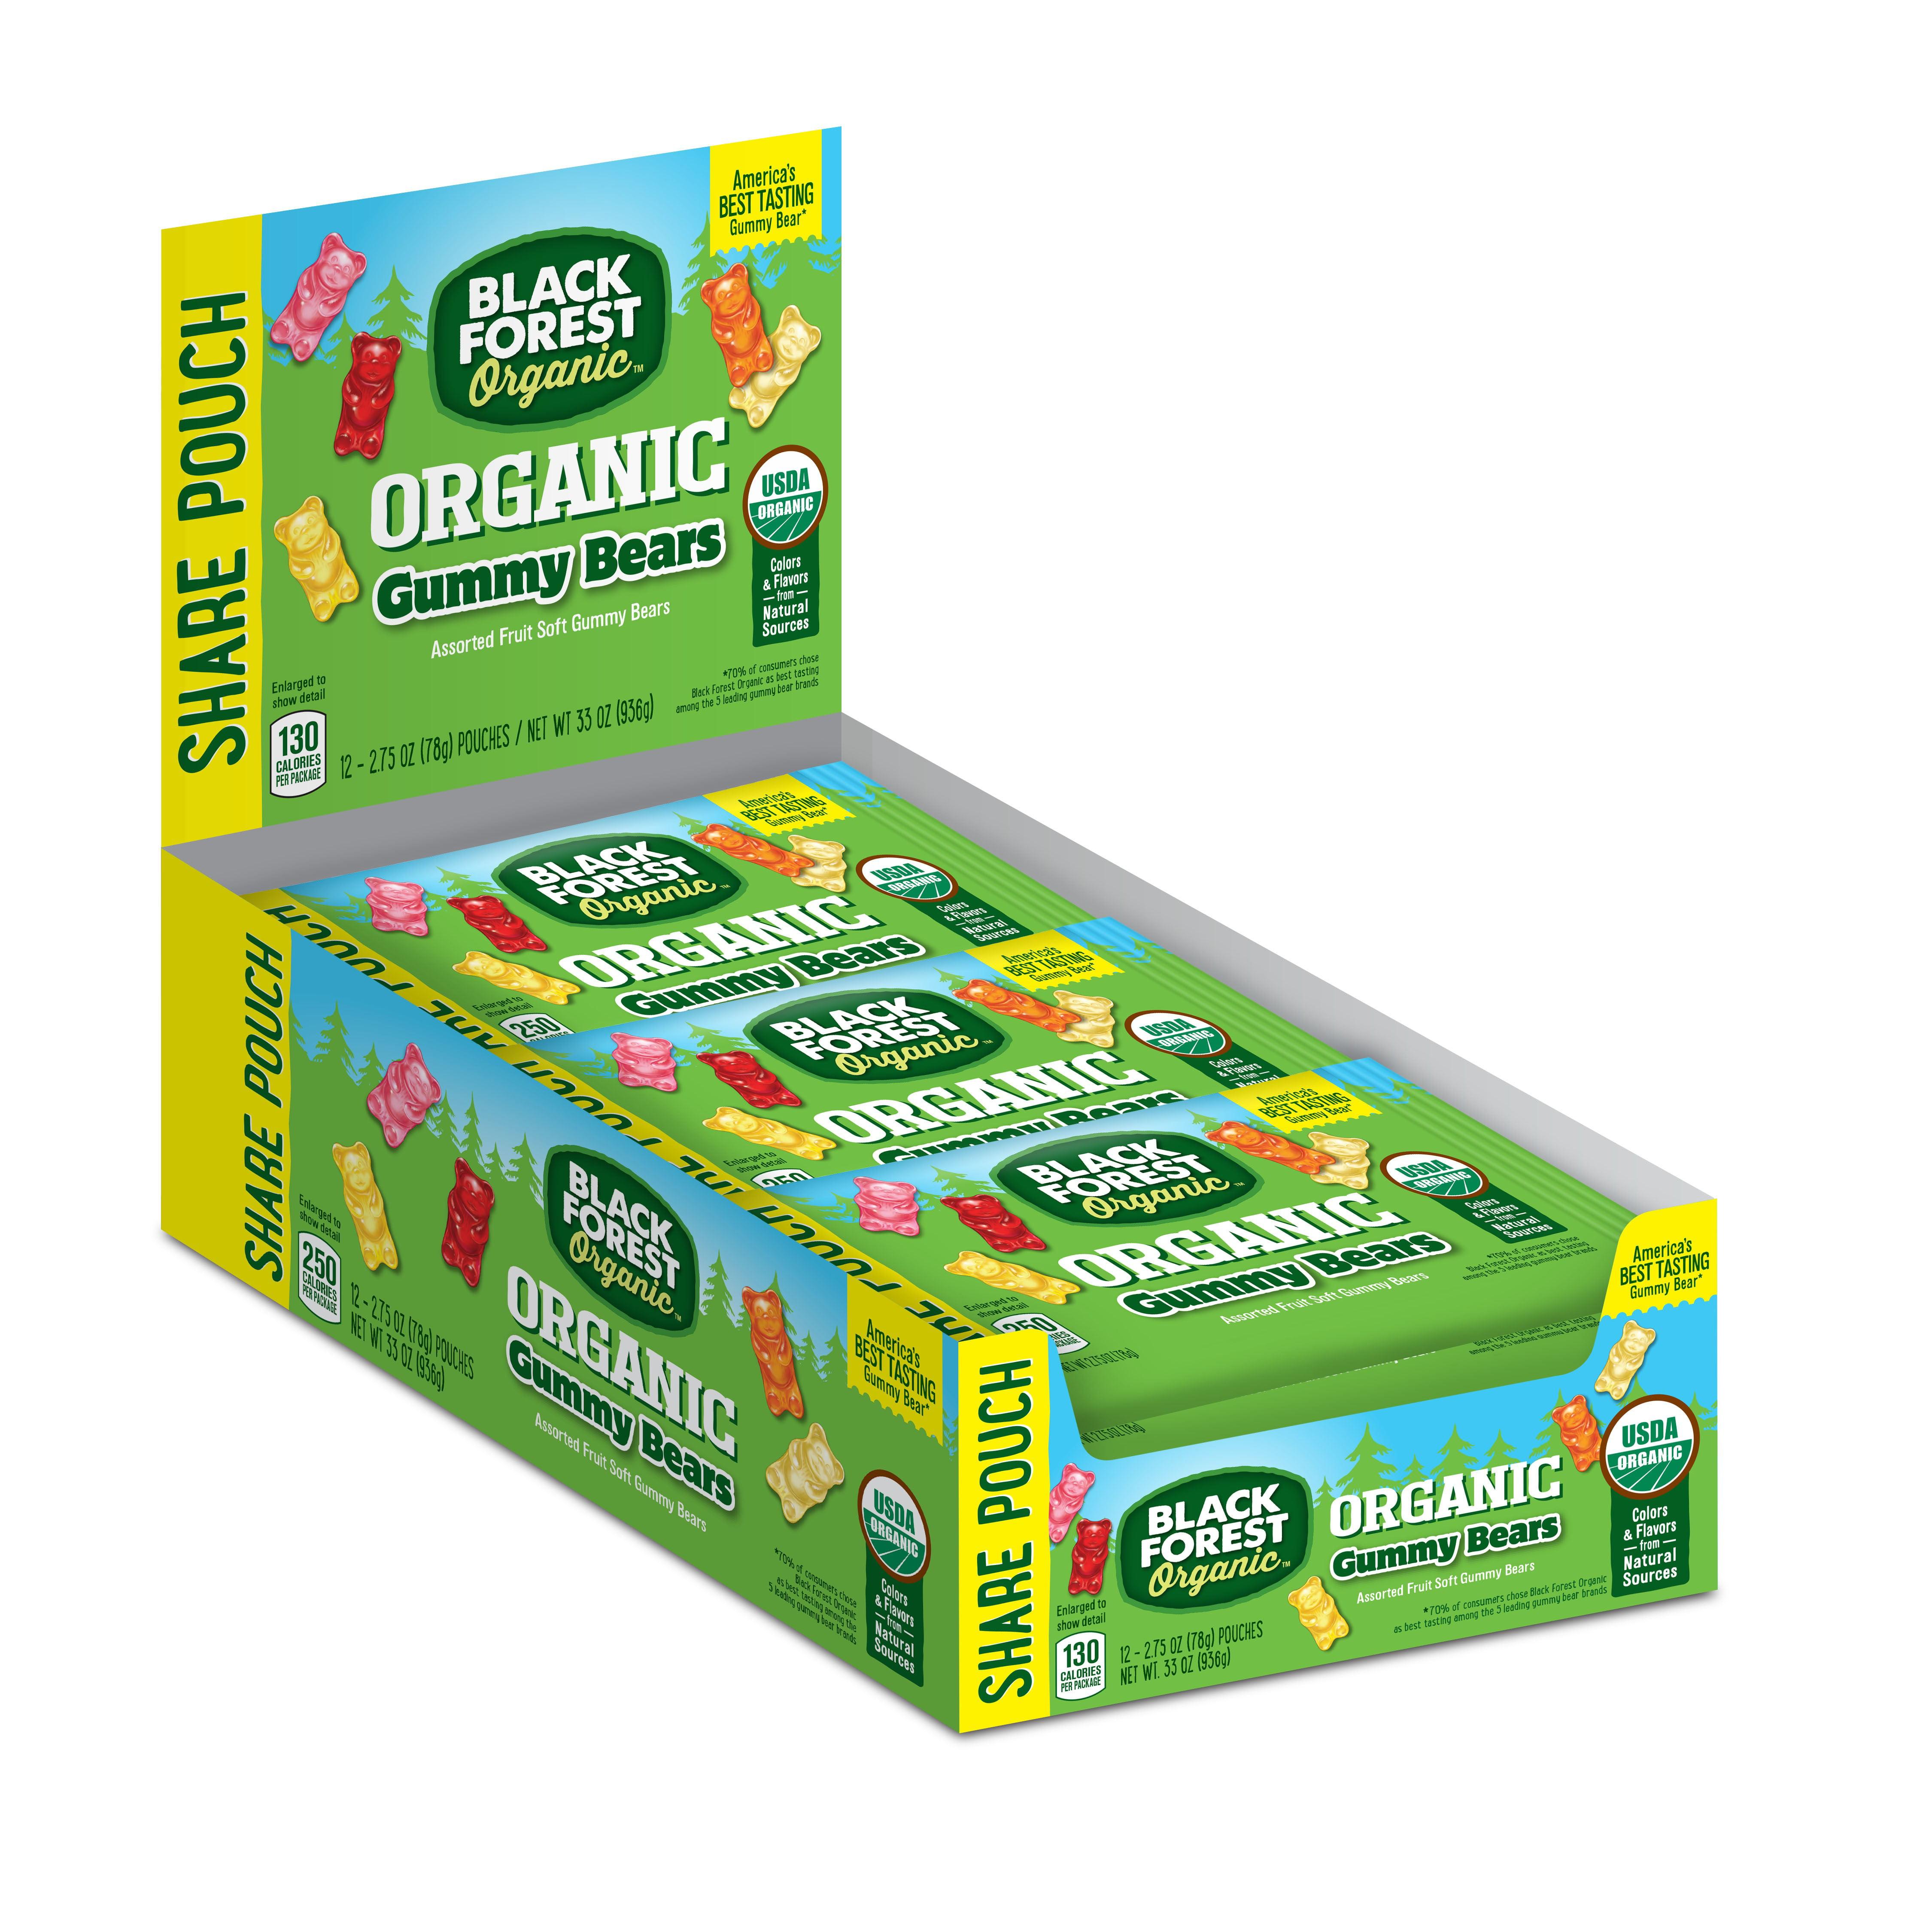 Black Forest Organic Organic Gummy Bears, 2.75 Oz by Ferrara Candy Company